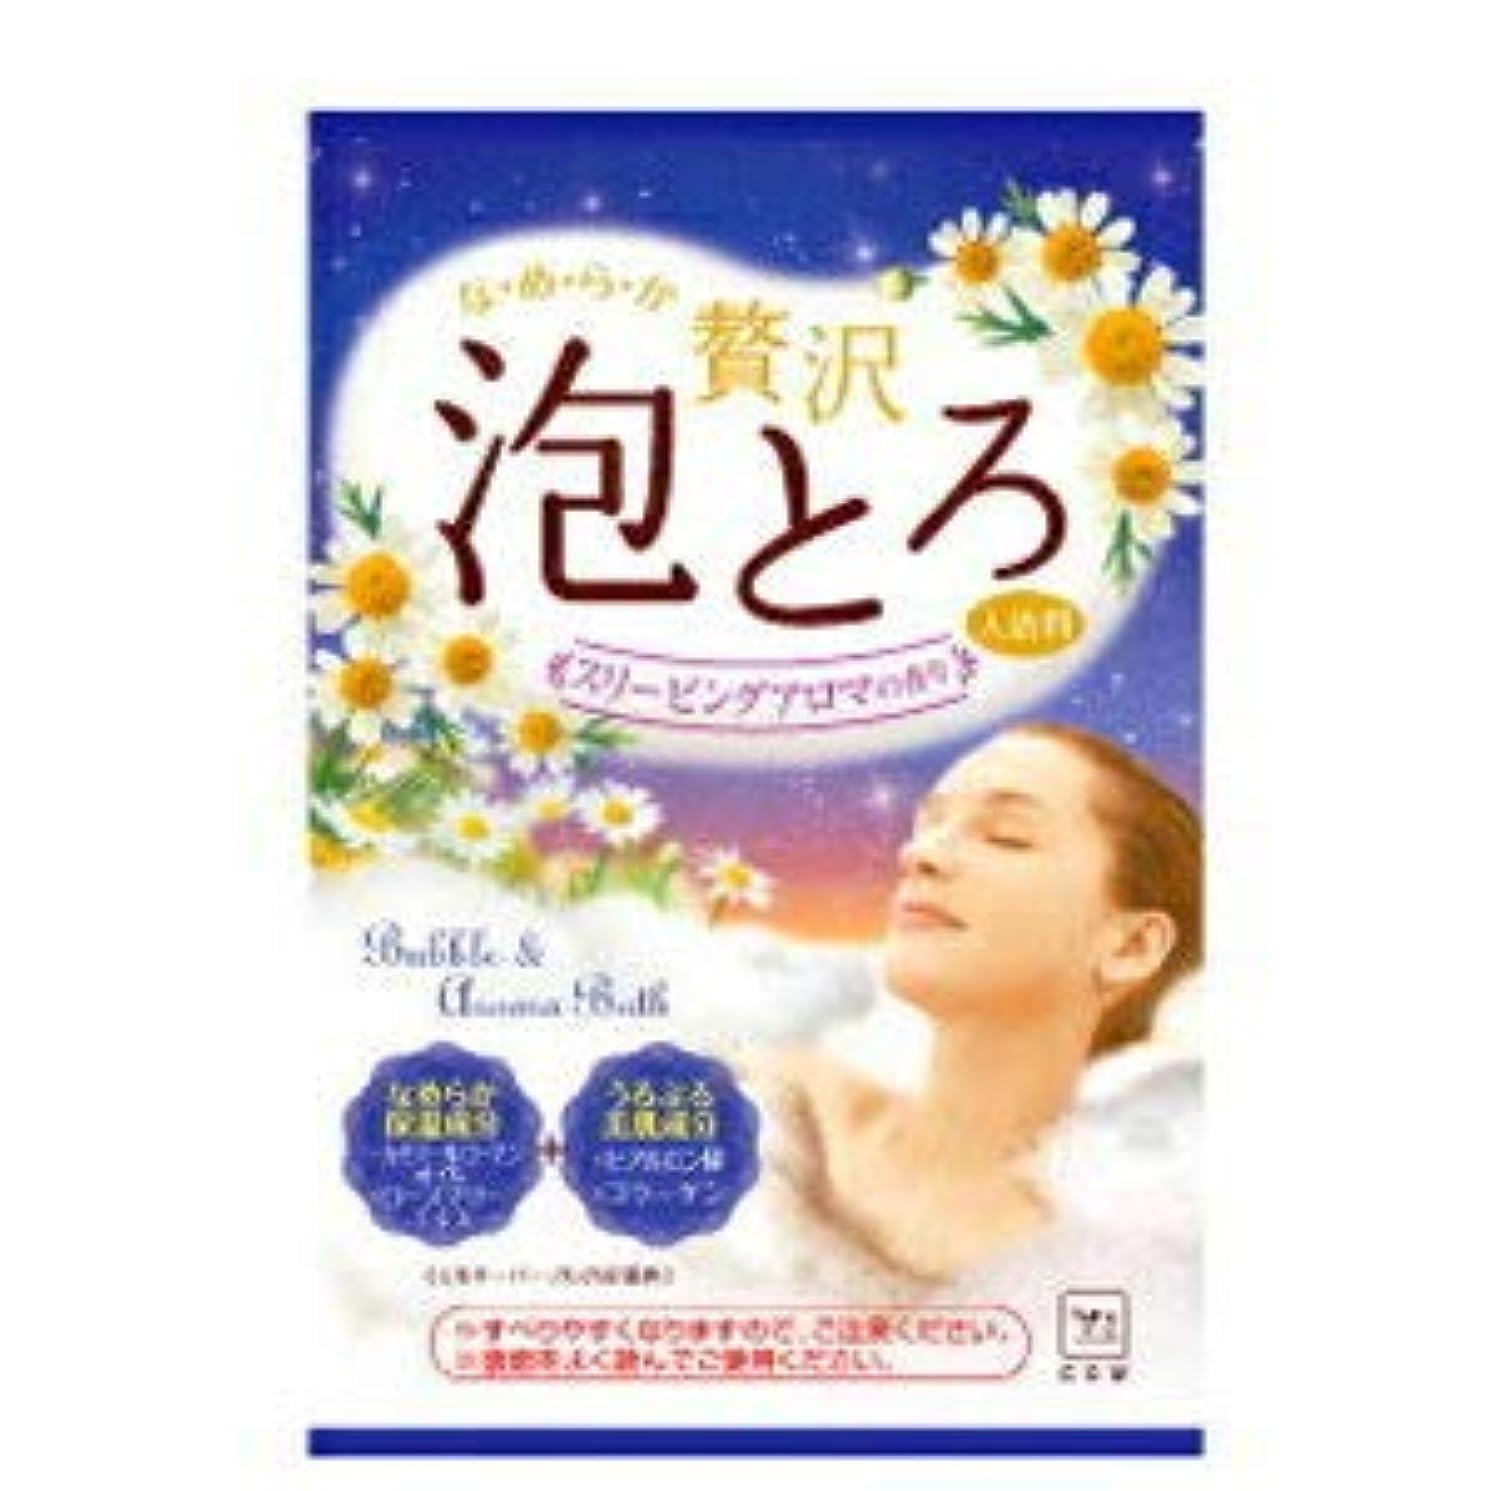 歯車苛性ライター牛乳石鹸 お湯物語 贅沢泡とろ 入浴料 スリーピングアロマ 30g 16個セット